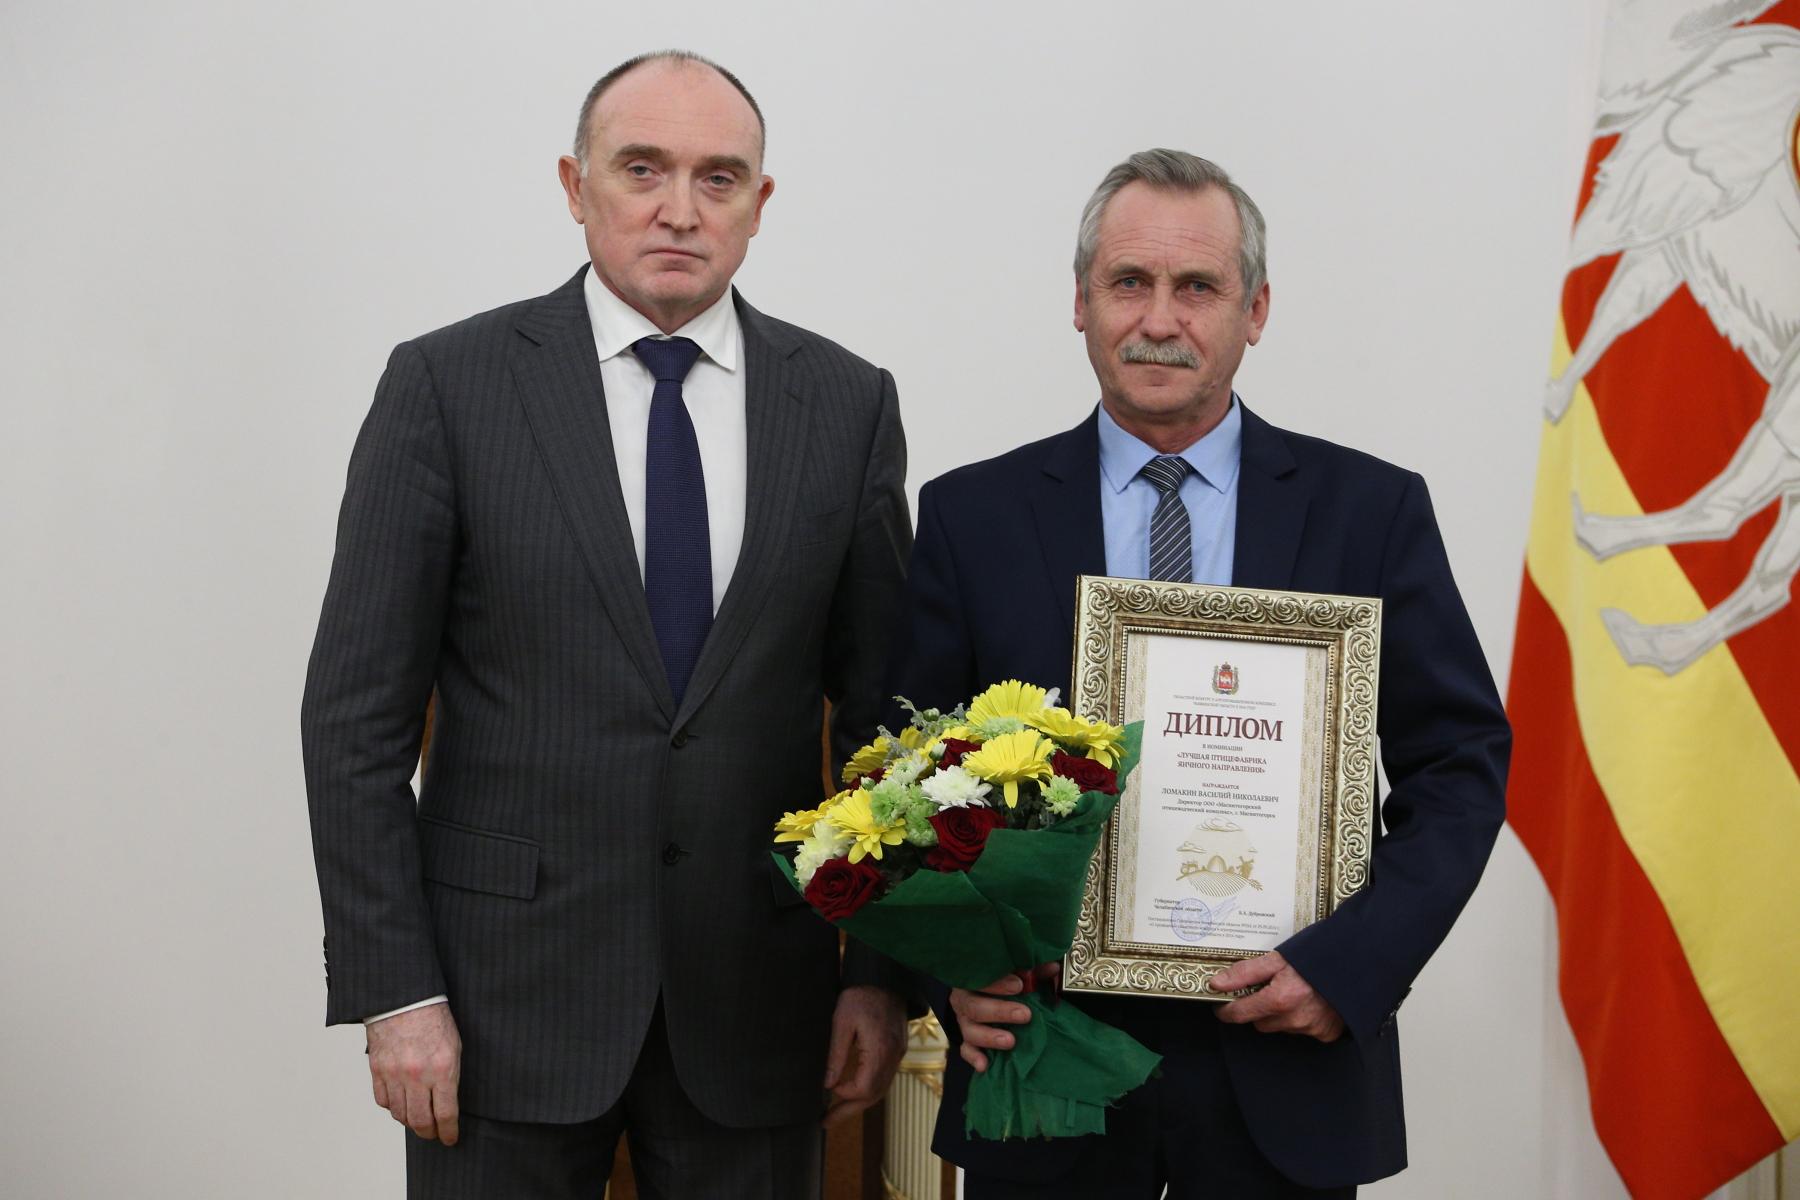 Диплом из рук главы региона получил заместитель директора по производству Магнитогорского птицеко